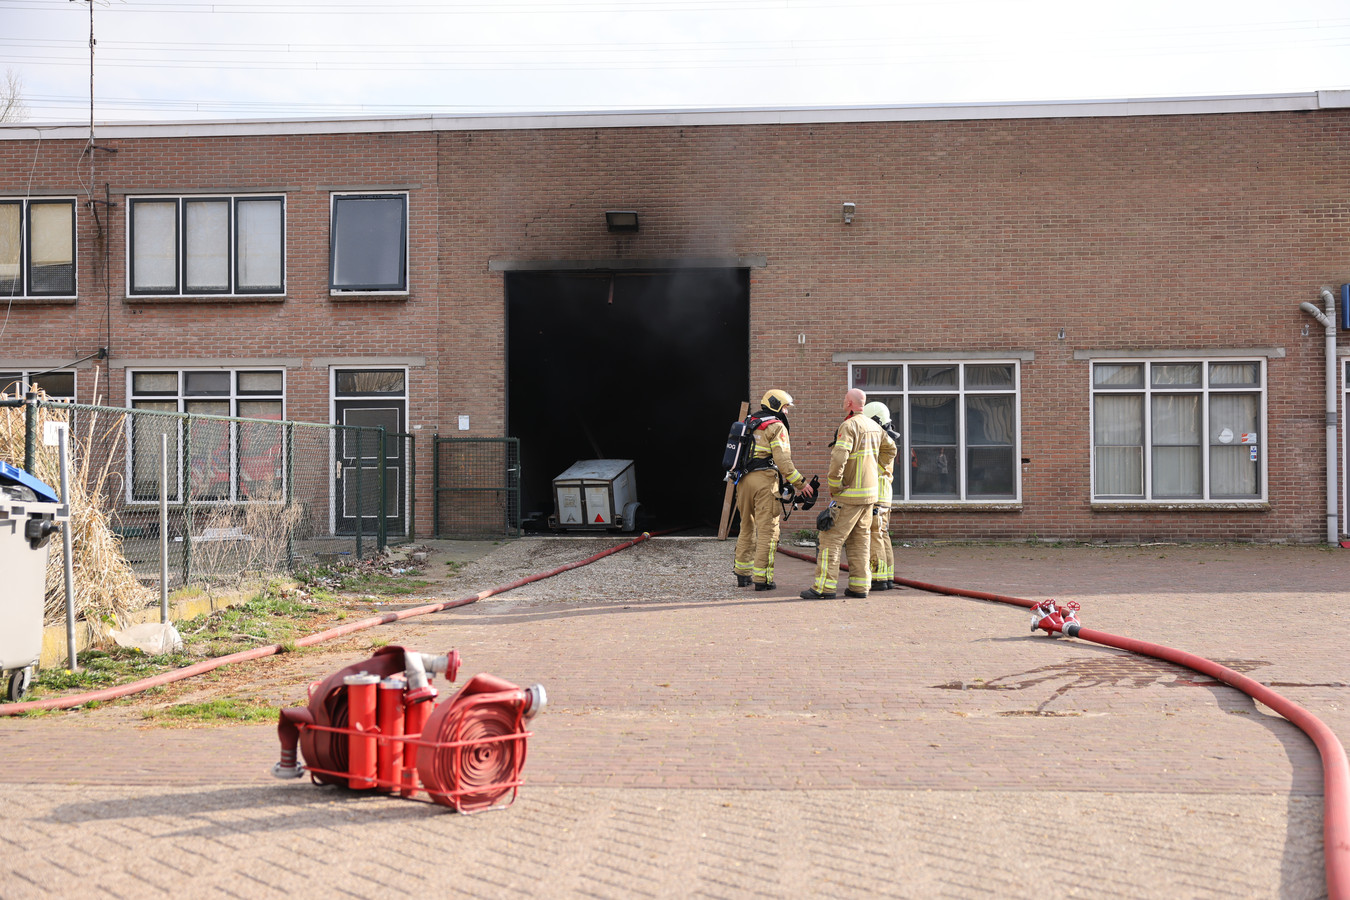 Opnieuw problemen in dit pand aan de 1e Industrieweg in Hattem. Deze keer geen feest of illegale sigaretten, maar afgelopen zondag was er brand.